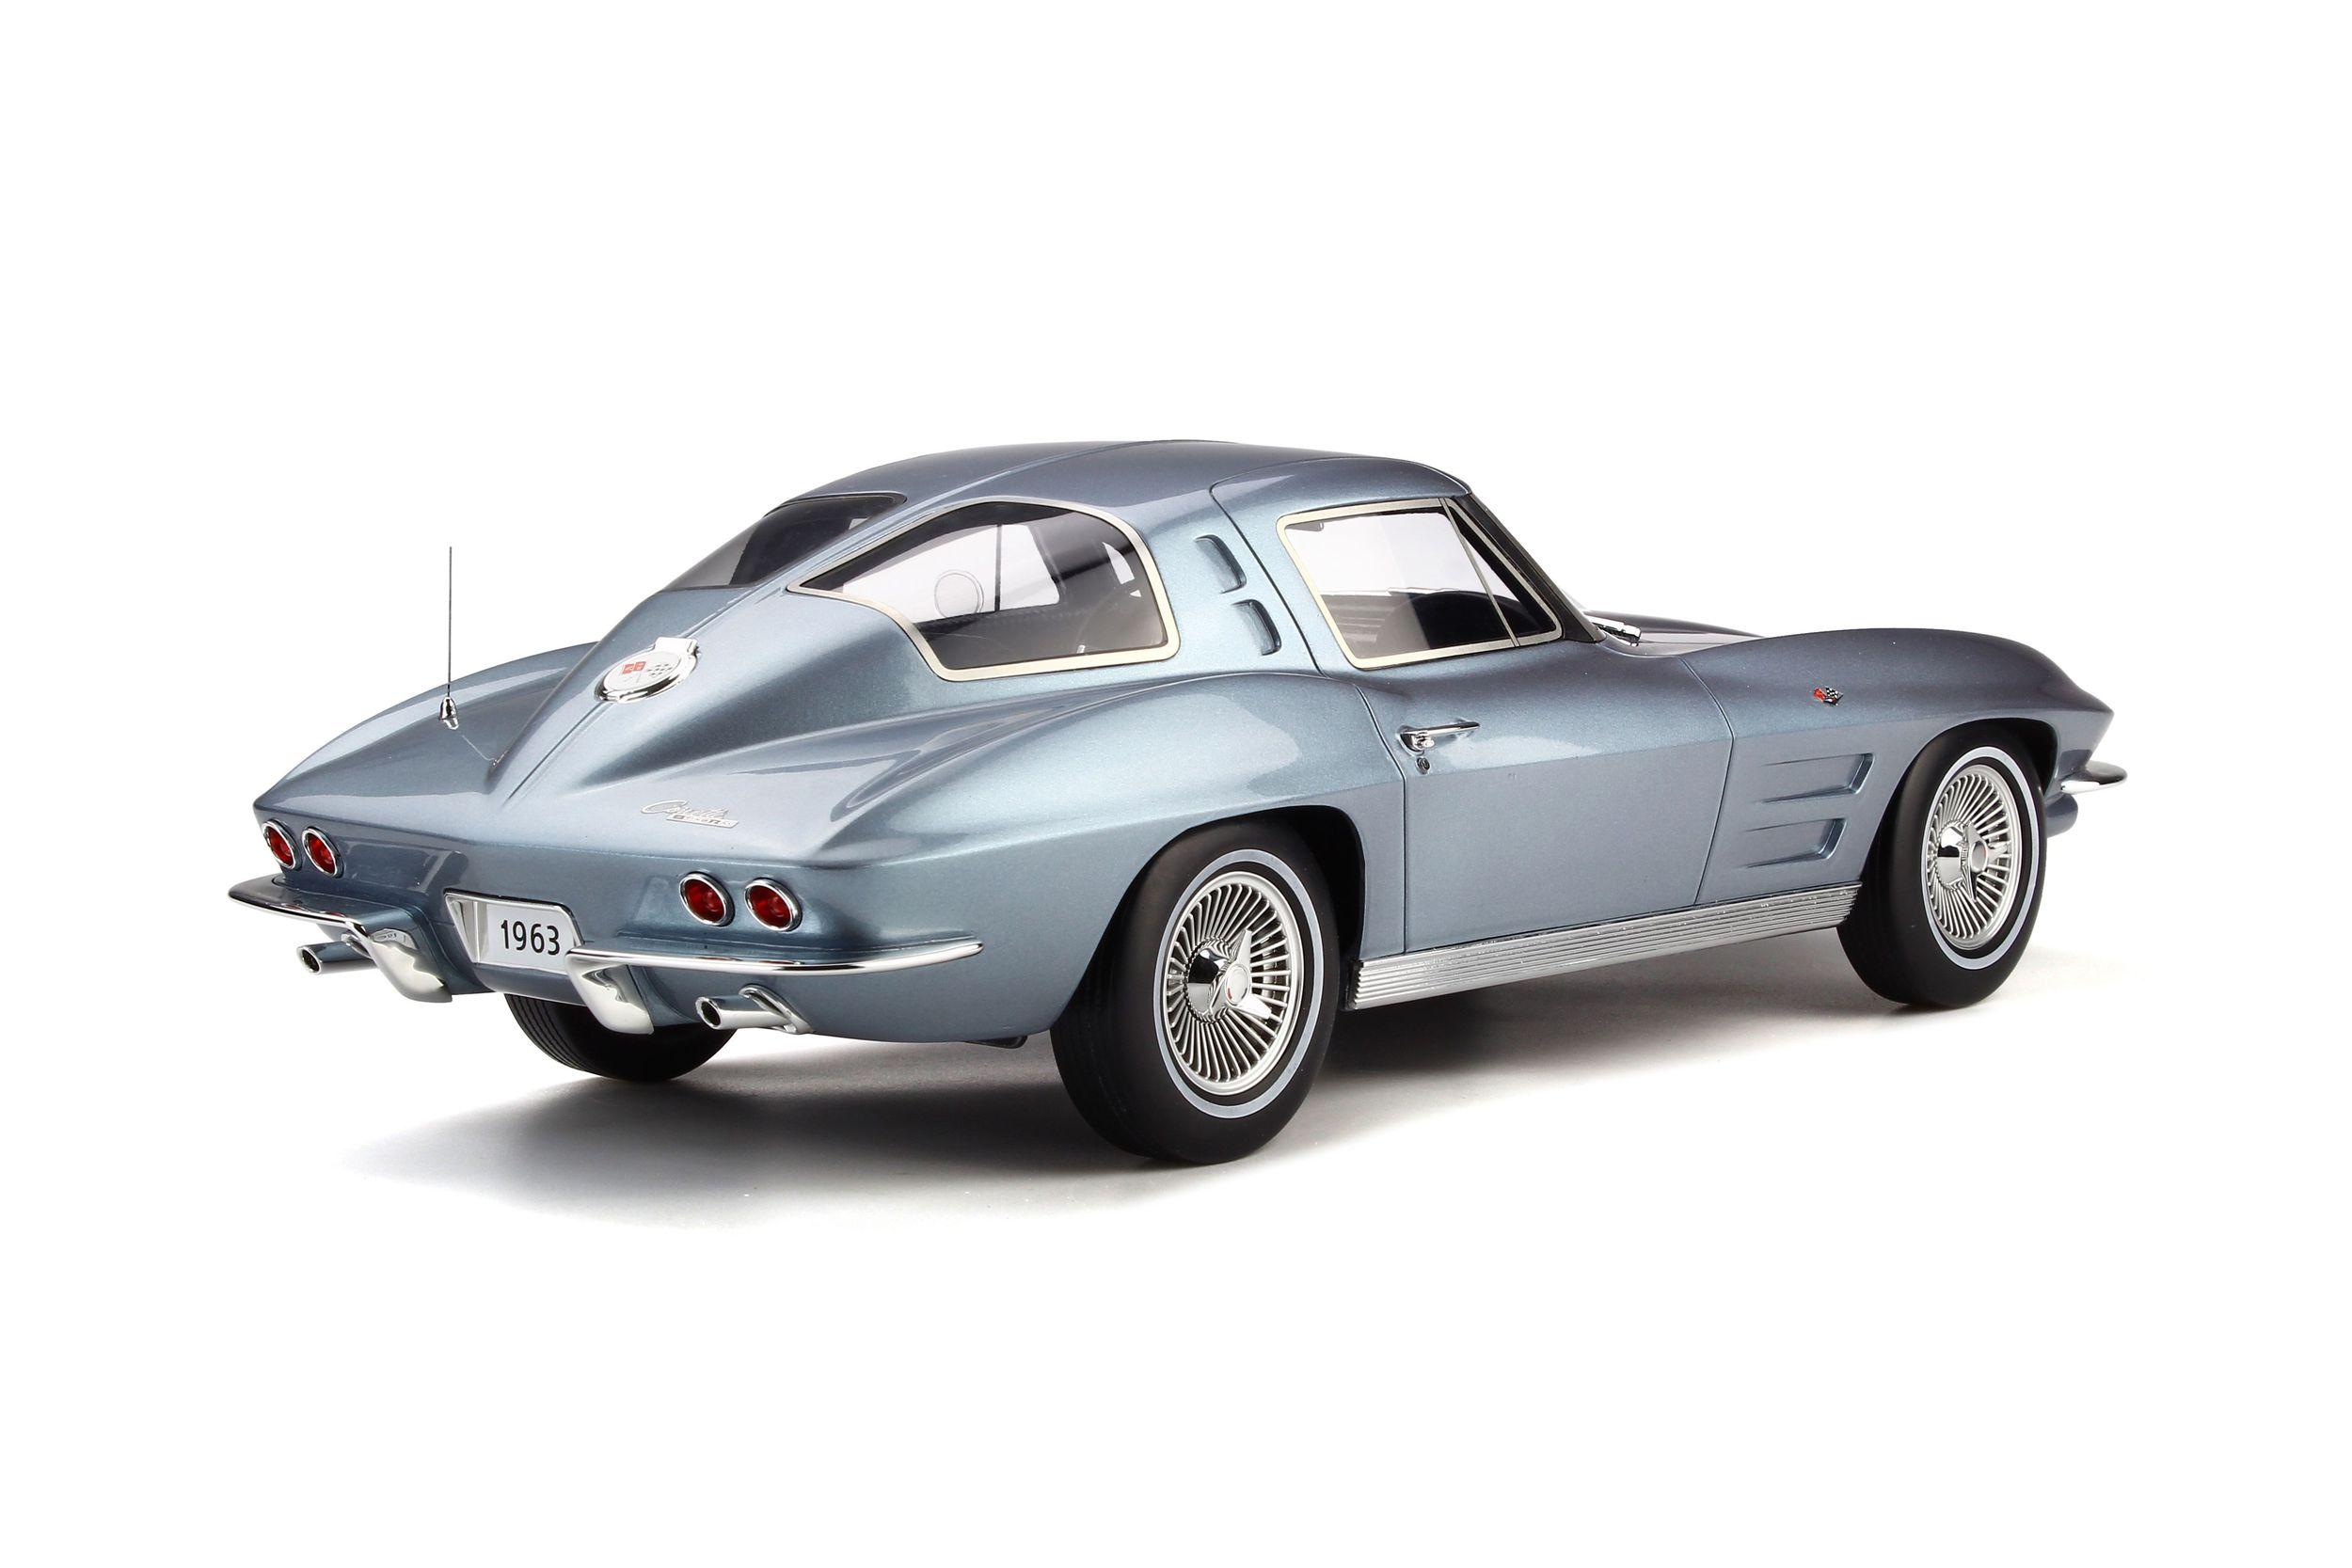 Kelebihan Kekurangan Corvette 1963 Tangguh